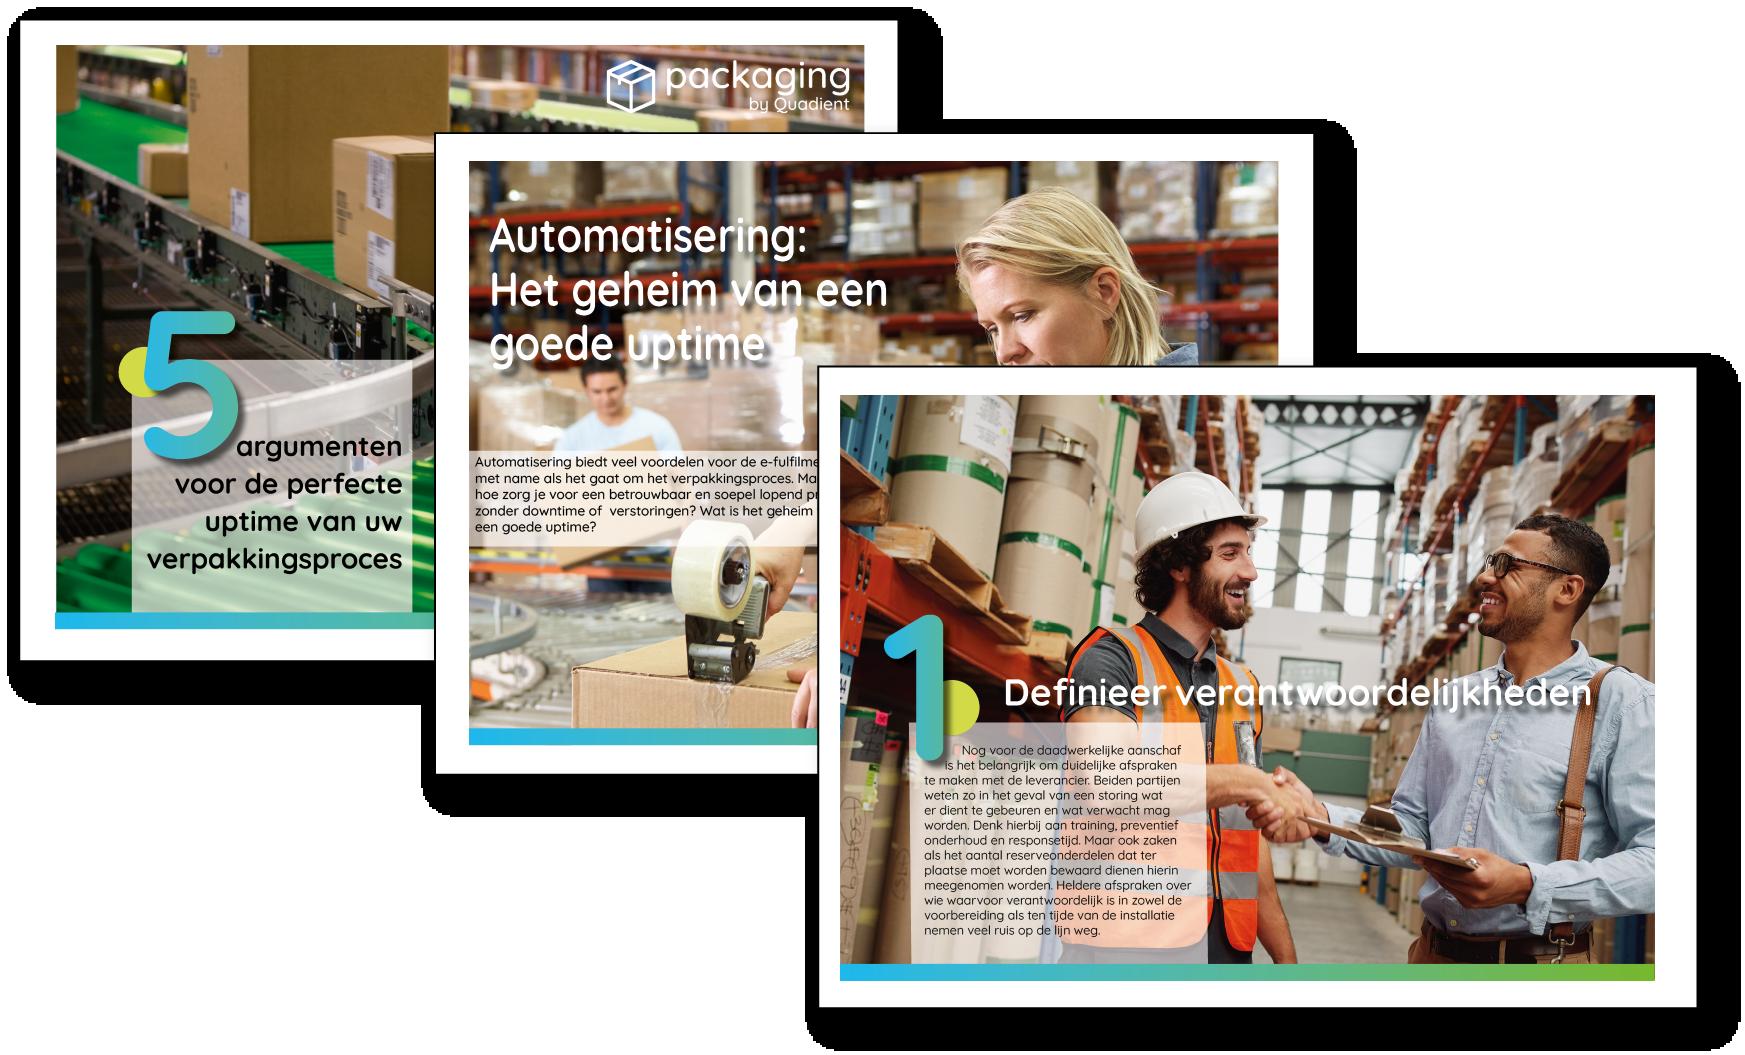 Ebook 5 argumenten voor de perfecte uptime van uw verpakkingsproces